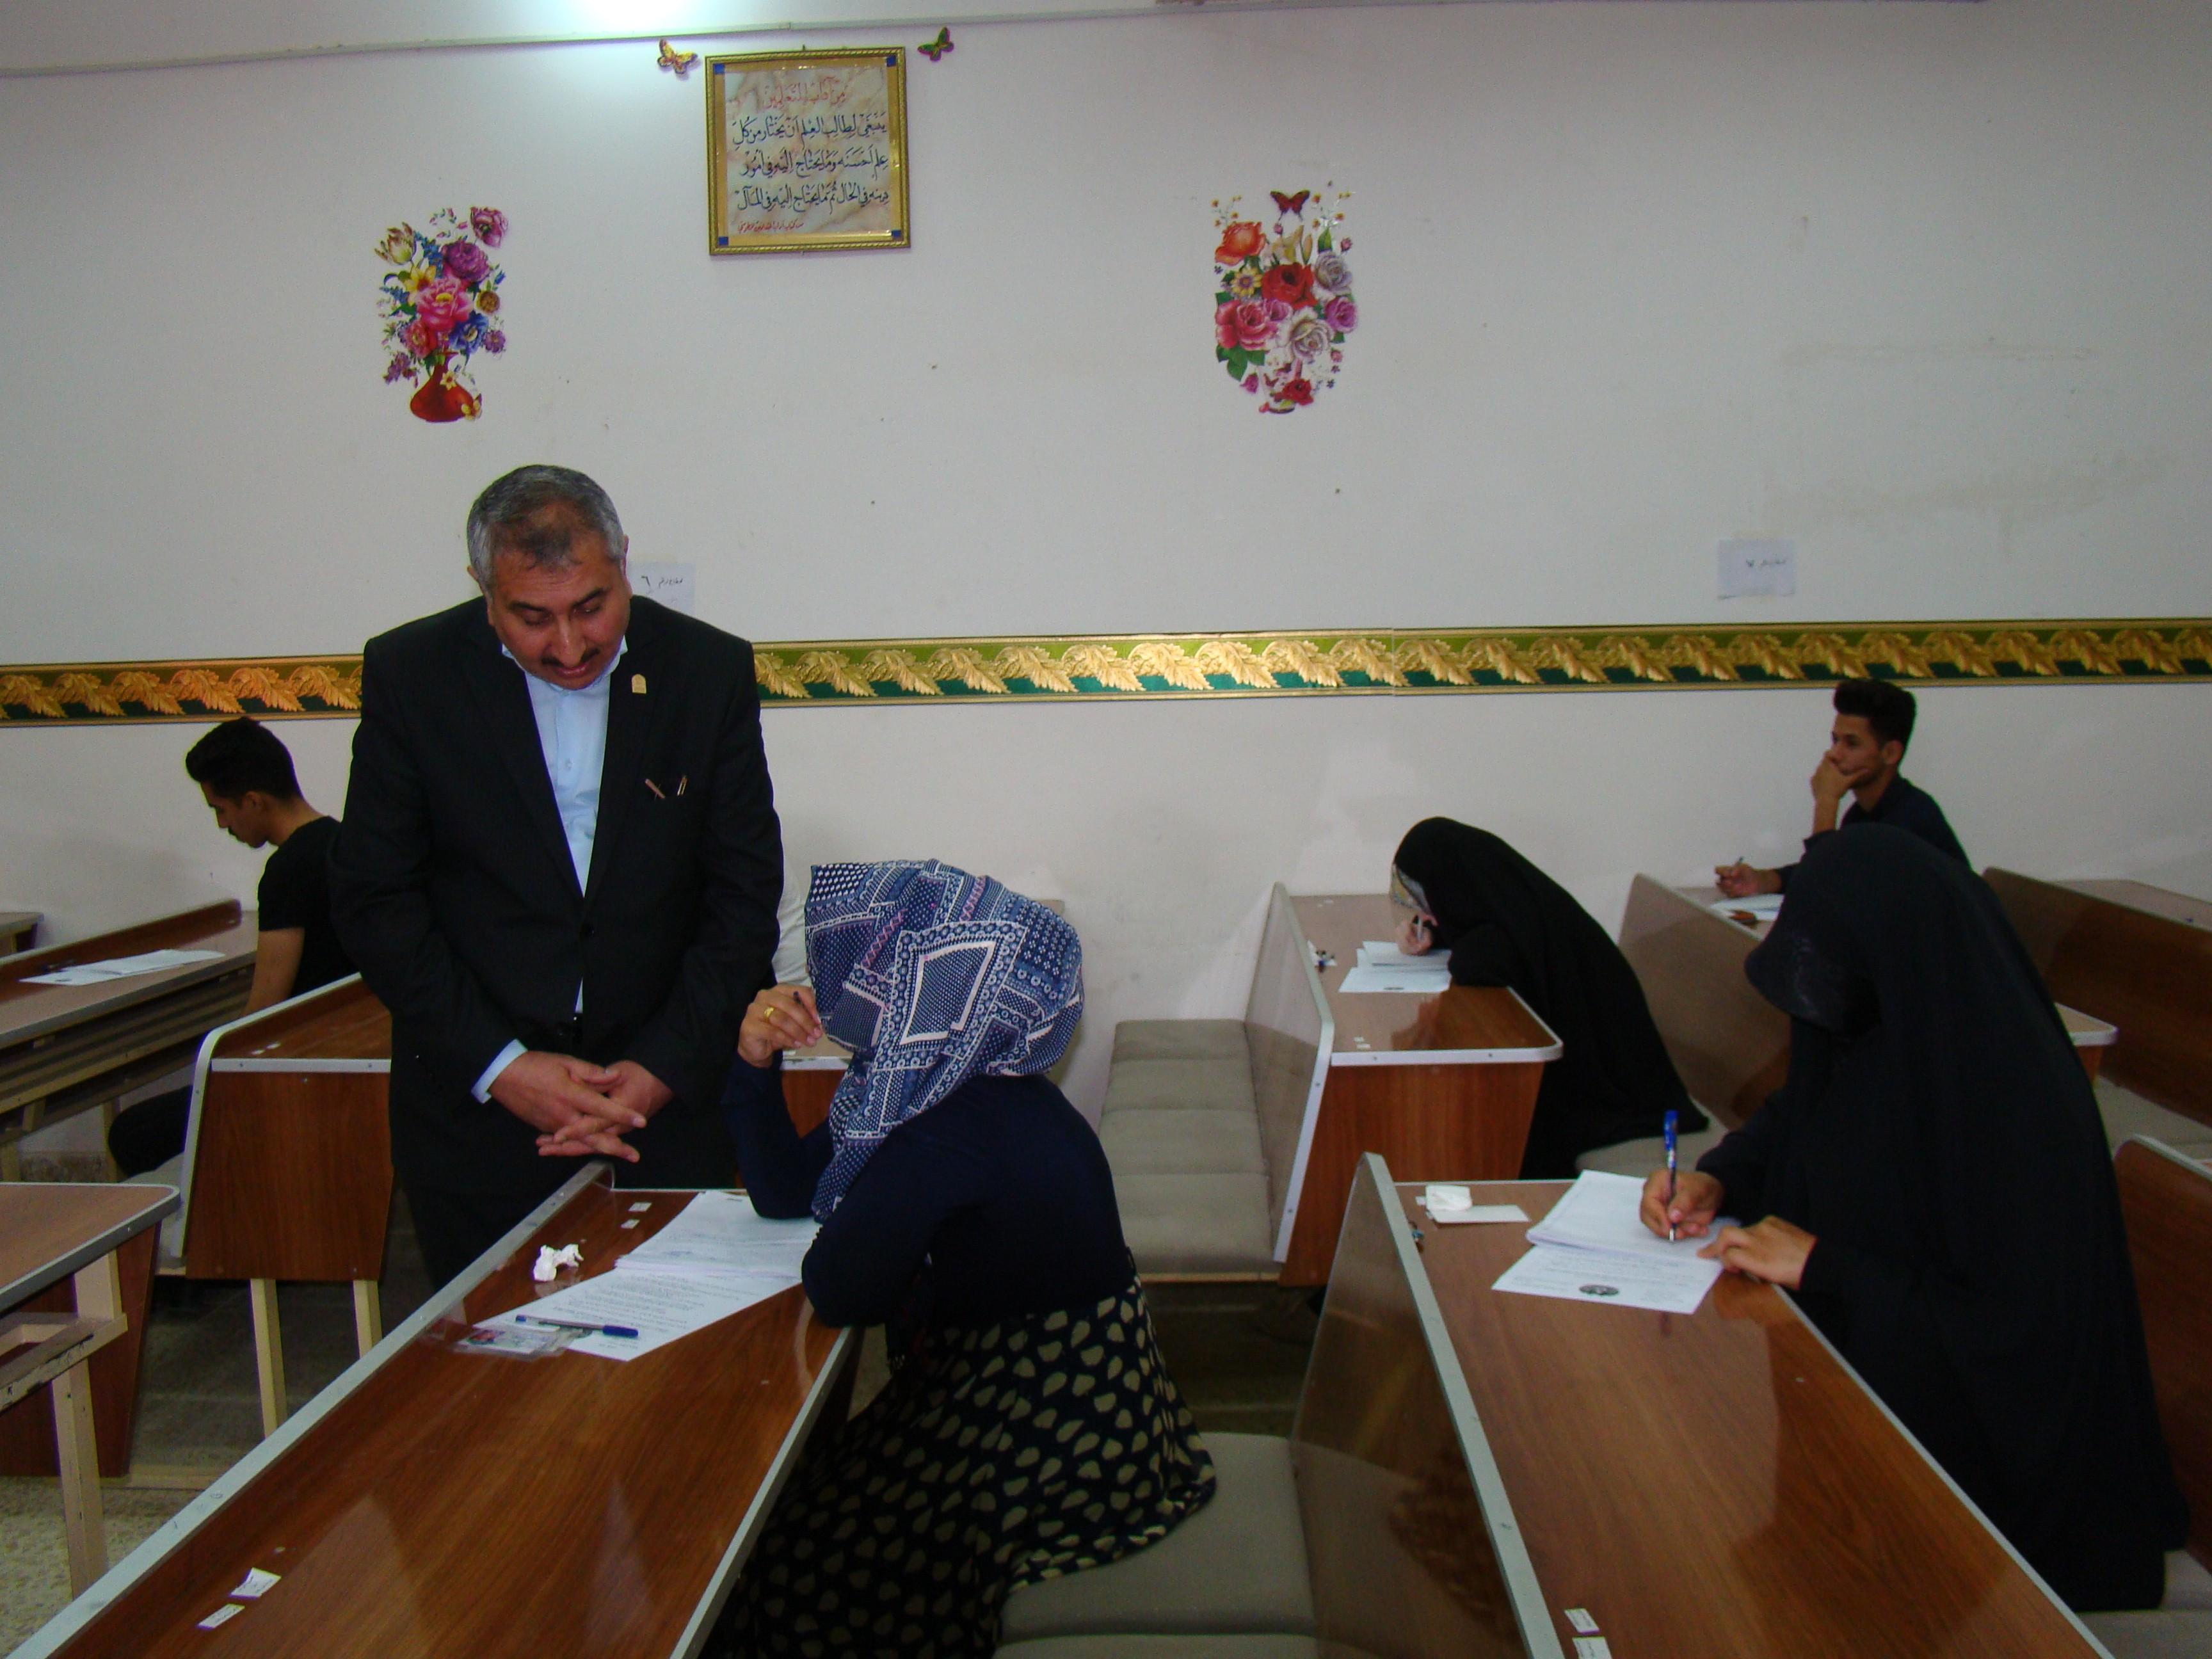 السيد رئيس جامعة كربلاء يتفقد القاعات الامتحانية في كلية القانون